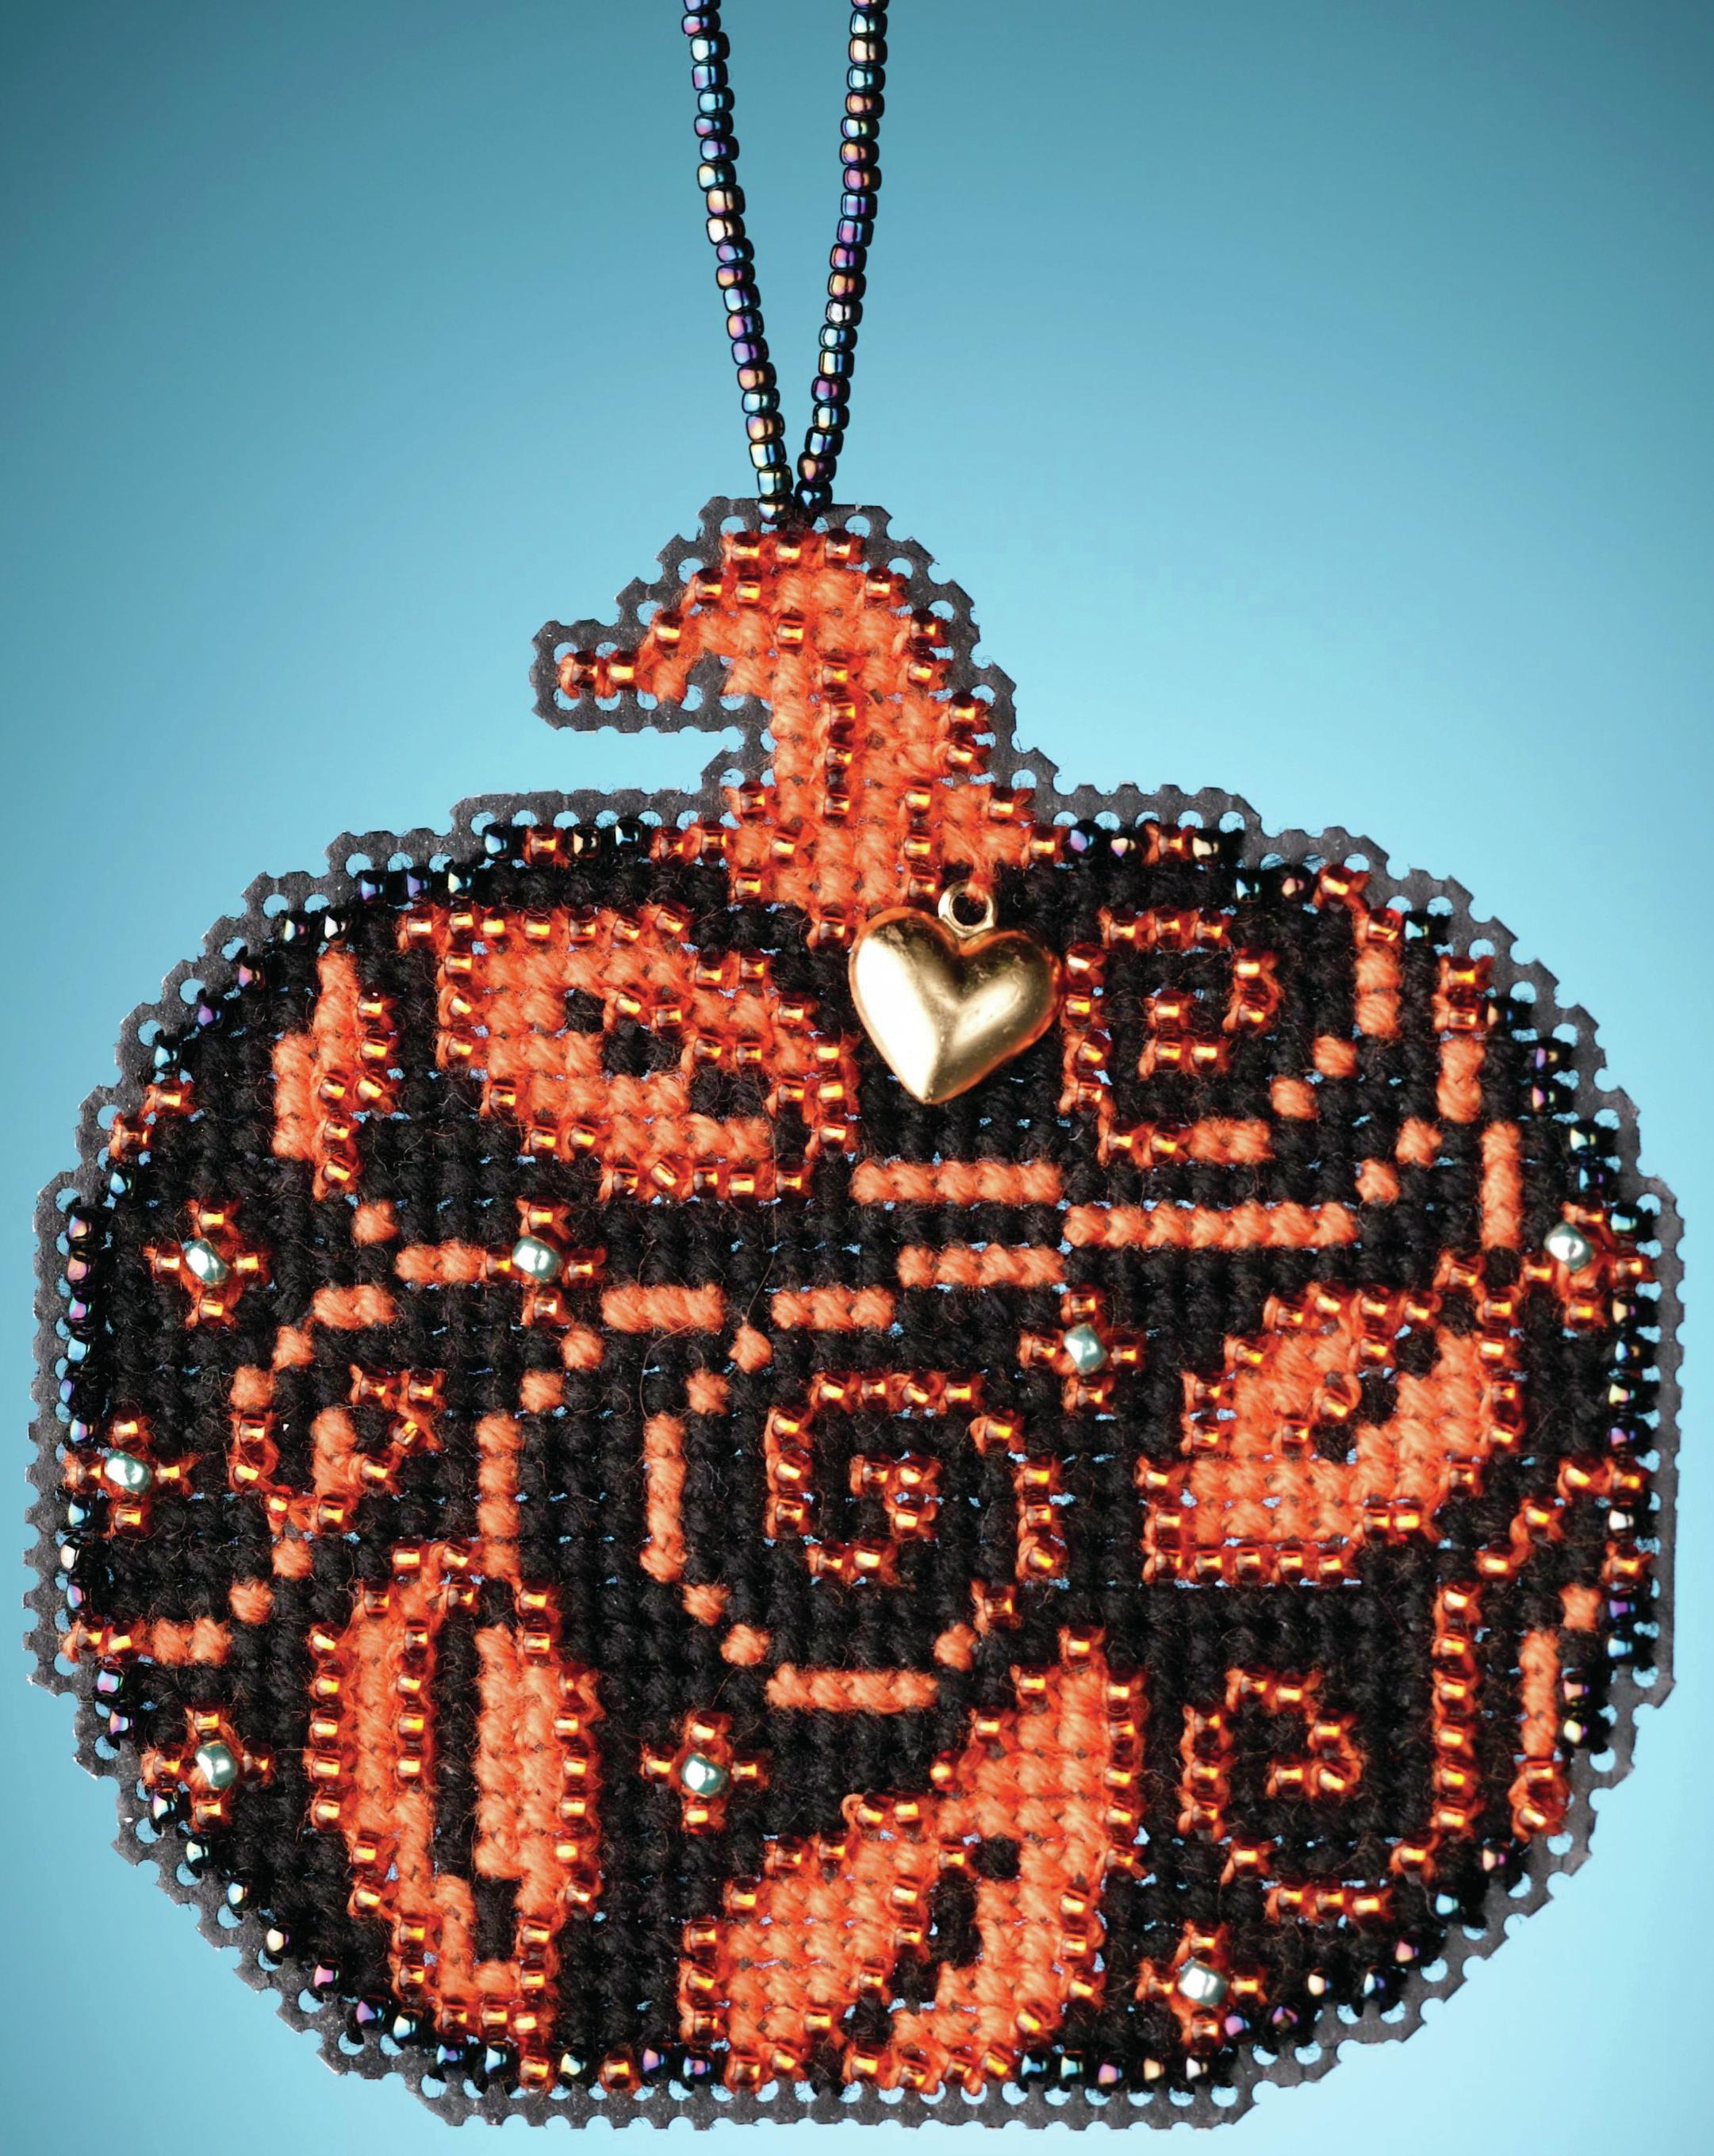 Glowing Pumpkin counted cross stitch kit